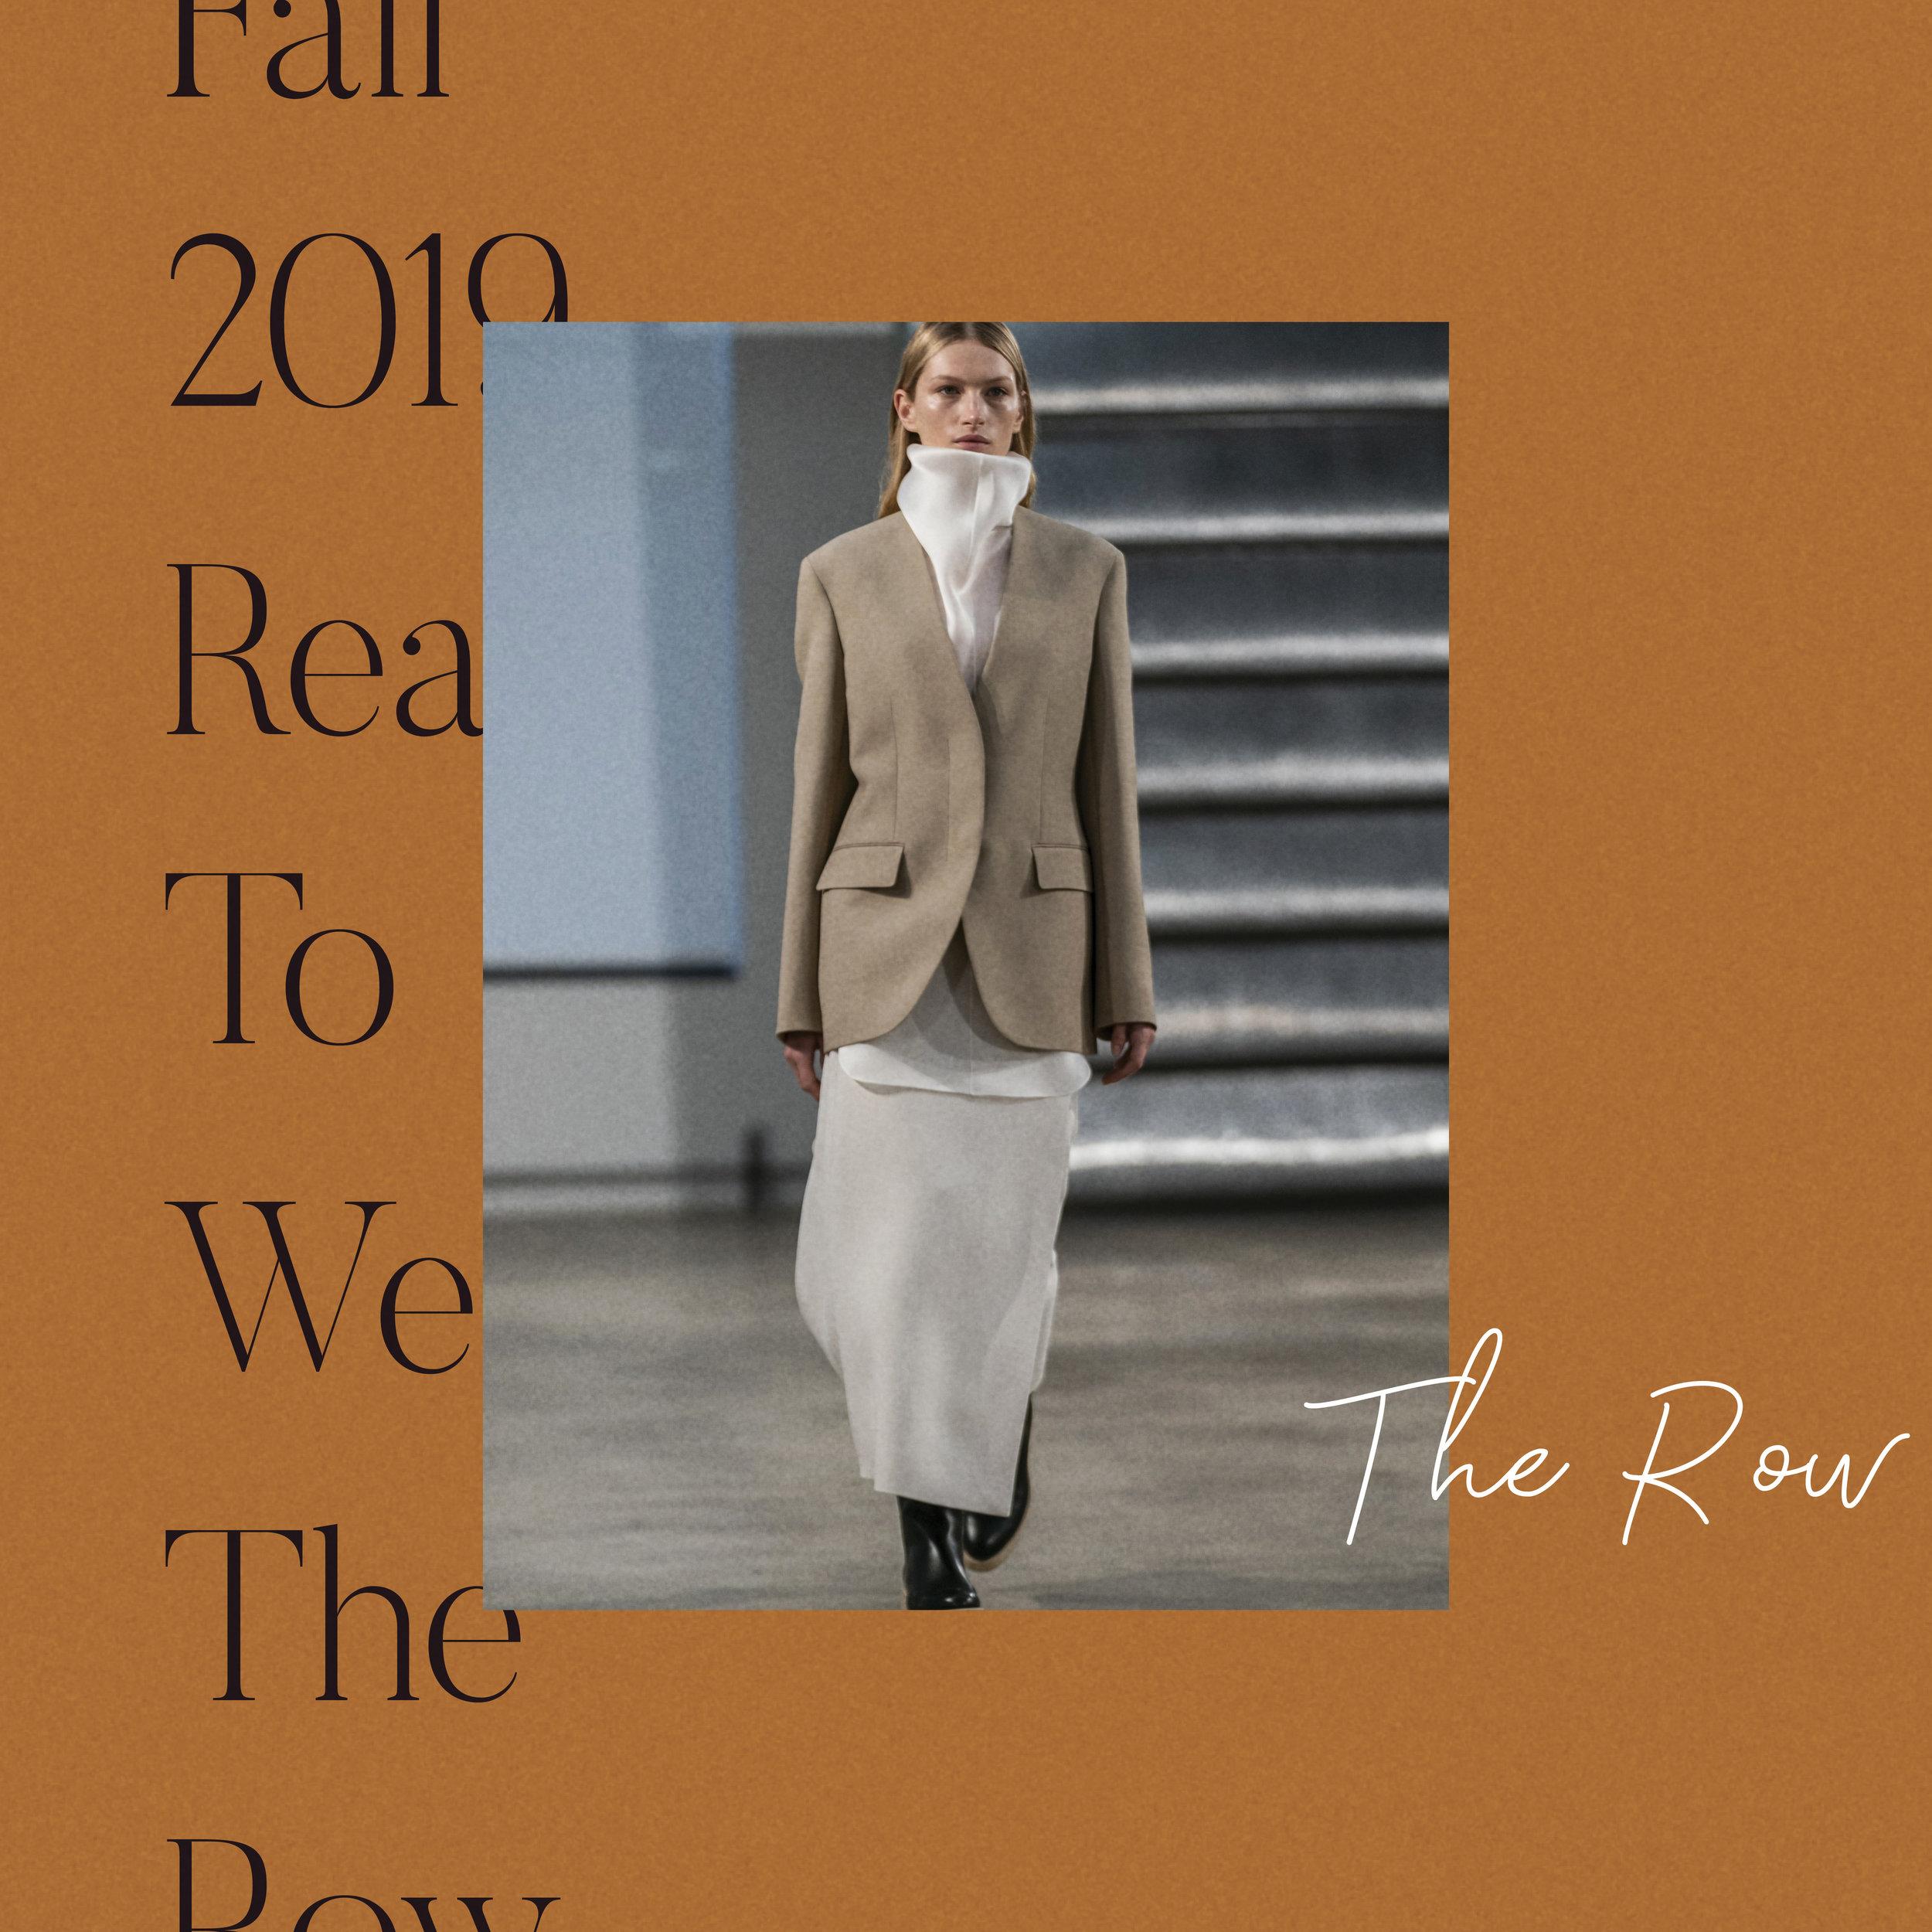 RTW - The Row.jpg